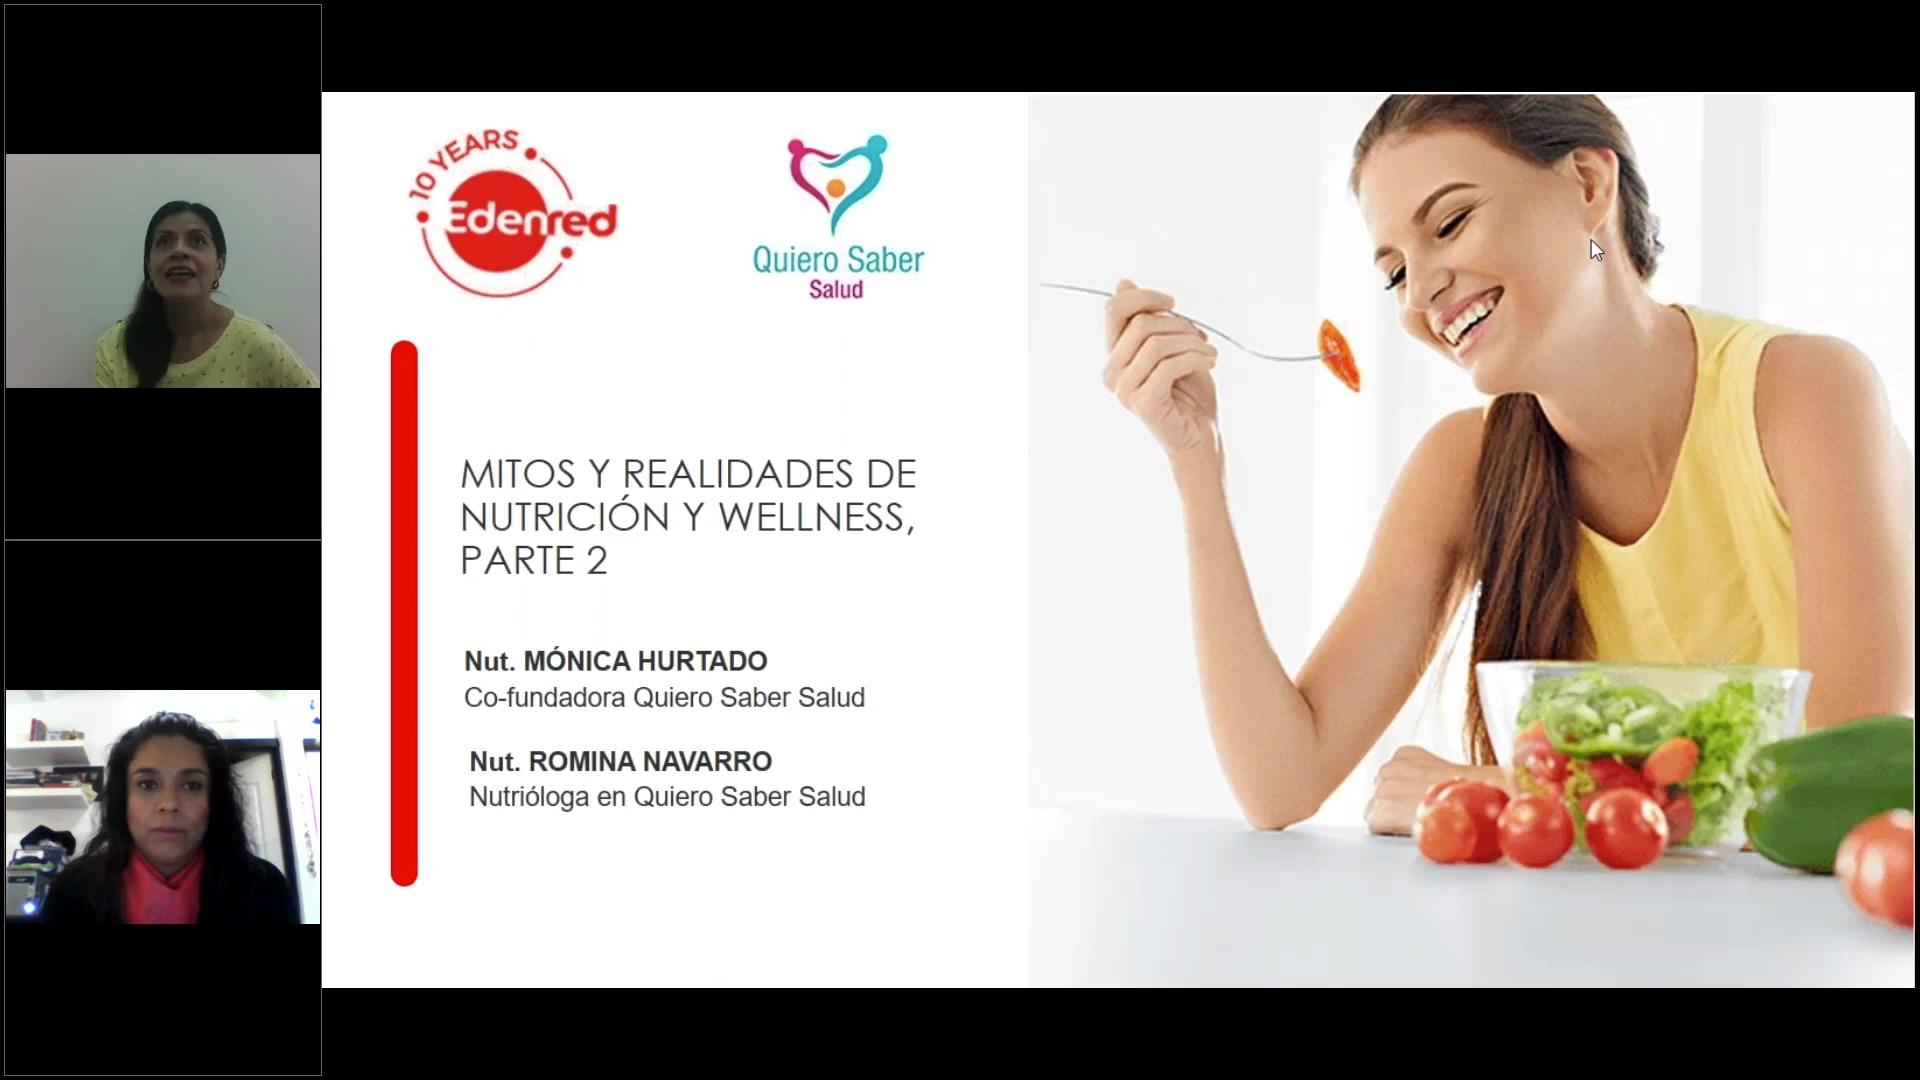 47 clip webinar MITOS Y REALIDADES DE NUTRICIÓN Y WELLNESS, PARTE 2